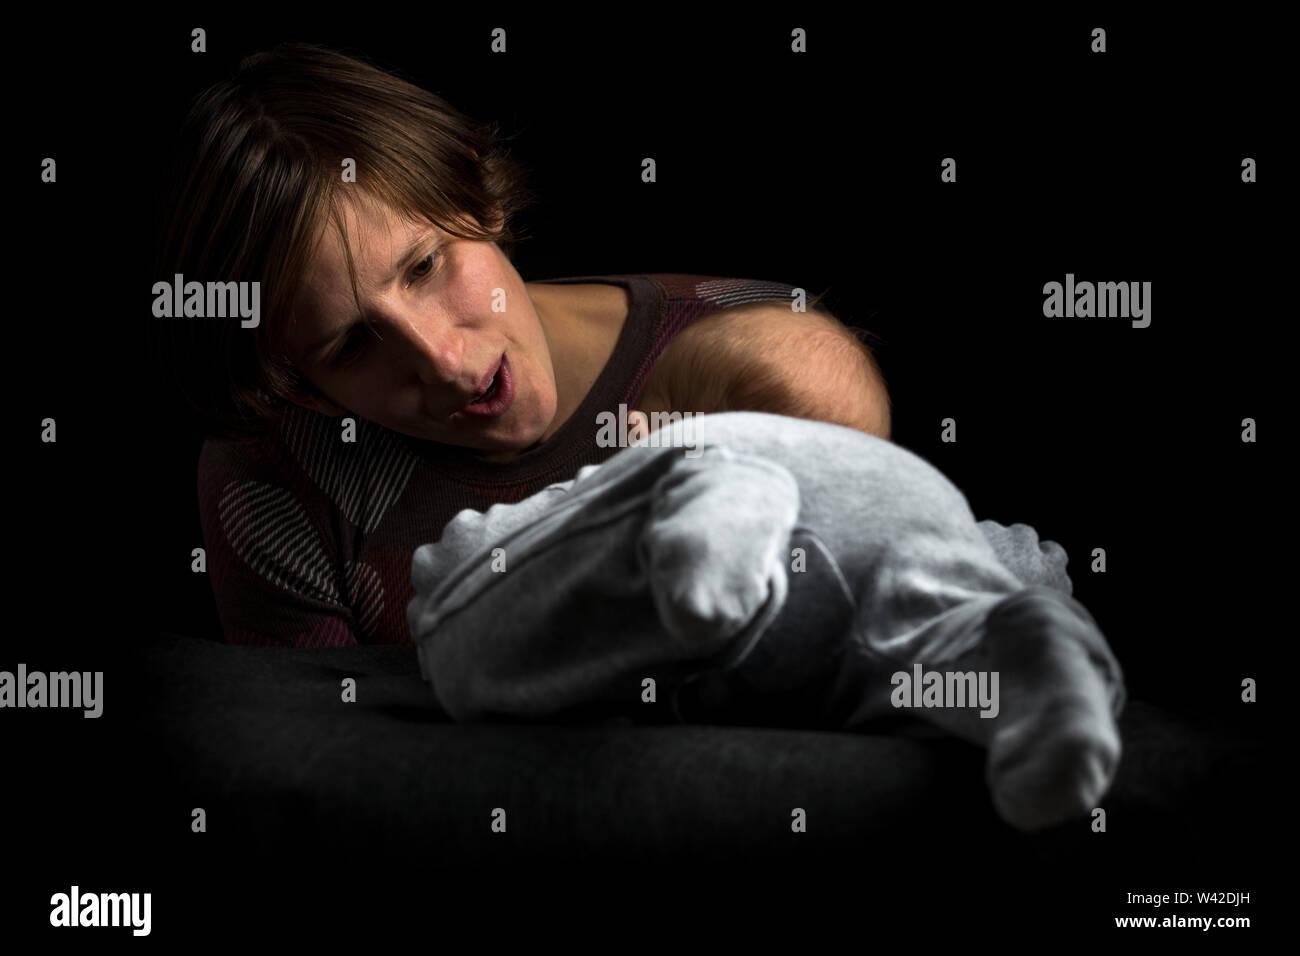 Edad media madre jugando con su bebé en posición decúbito prono. Aislado sobre fondo negro. Imagen De Stock